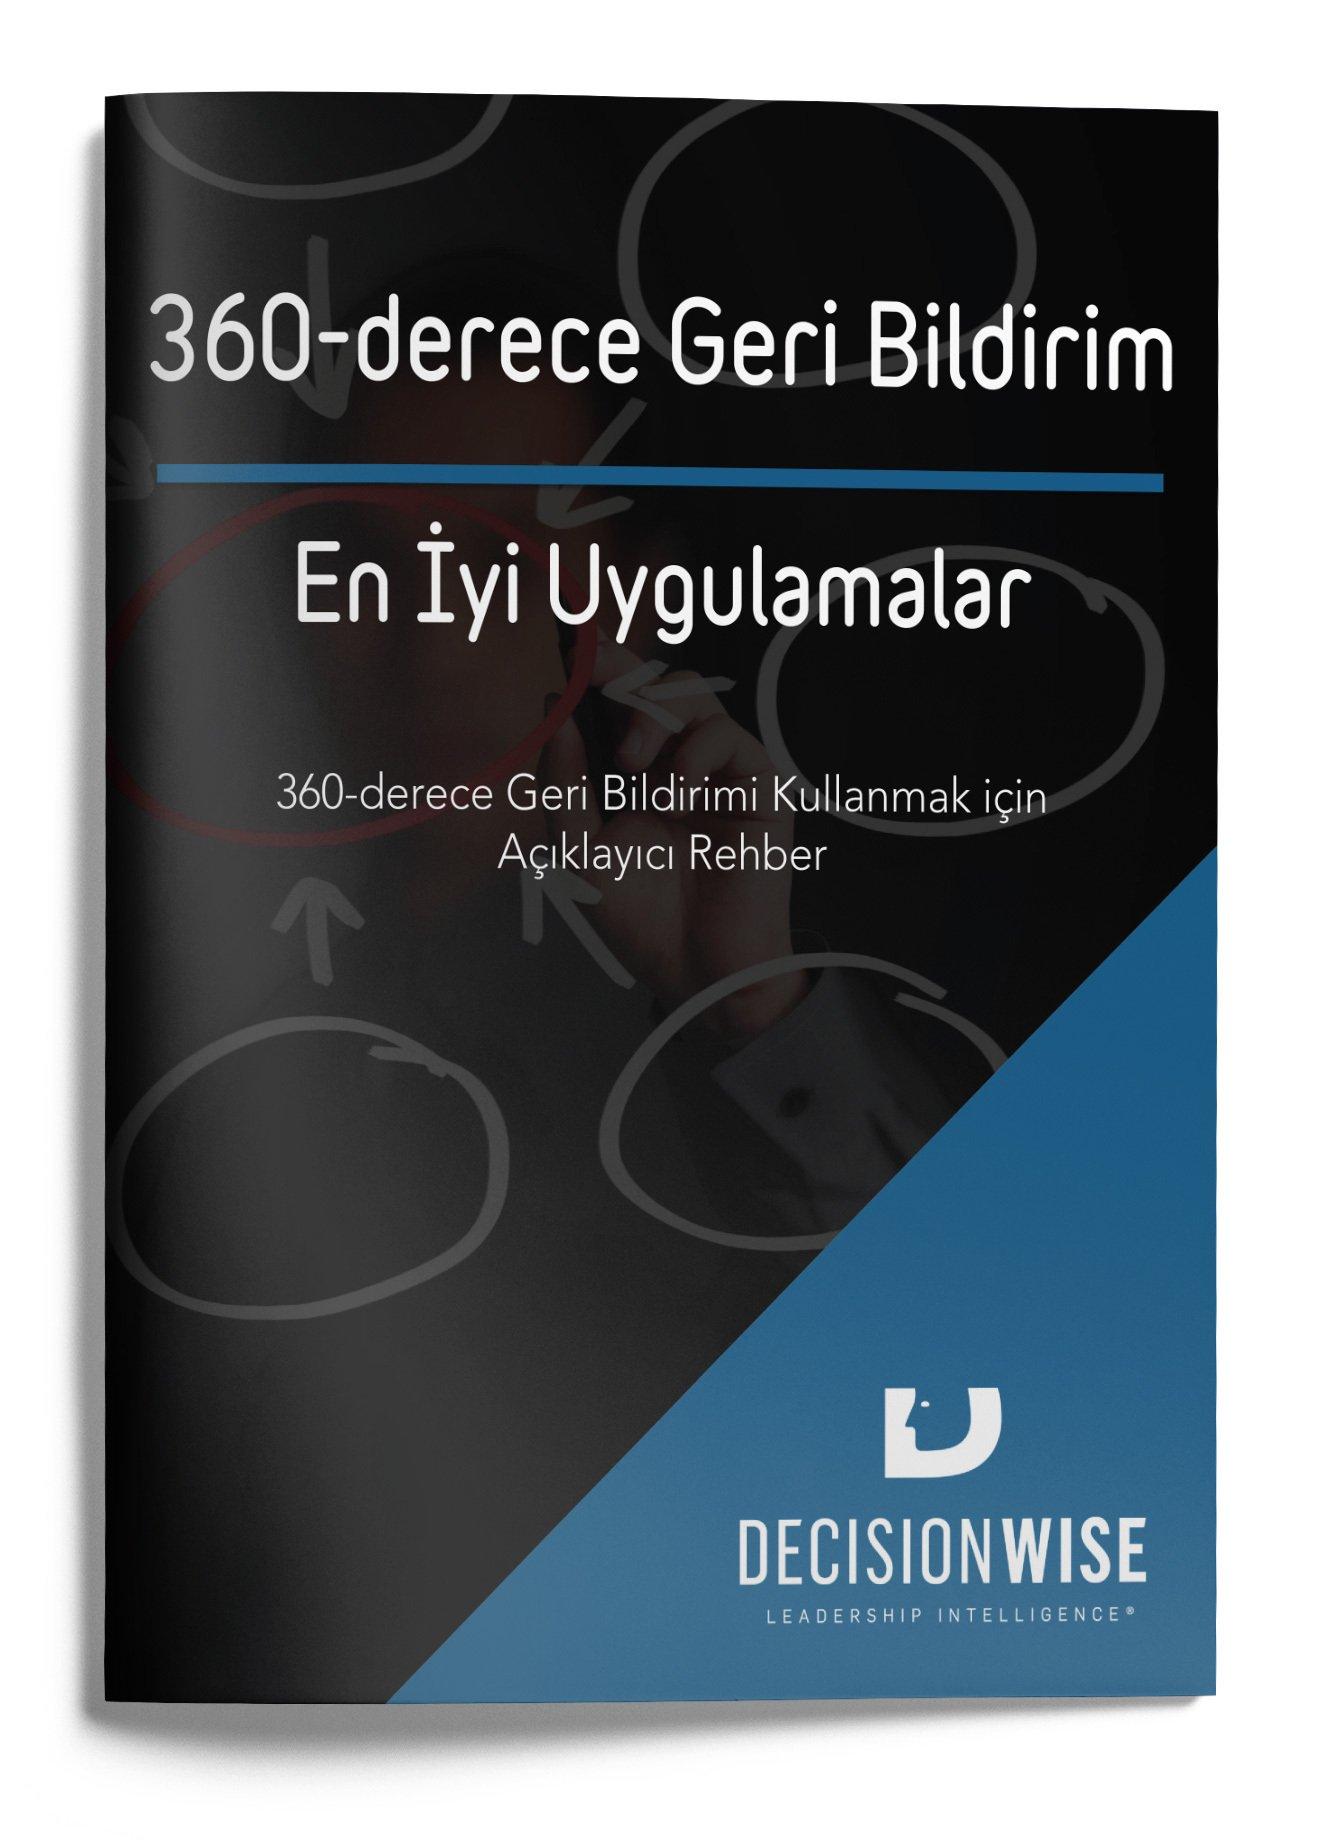 en-iyi-360-derece-geri-bildirim-uygulamalari-ve-aciklayici-rehber